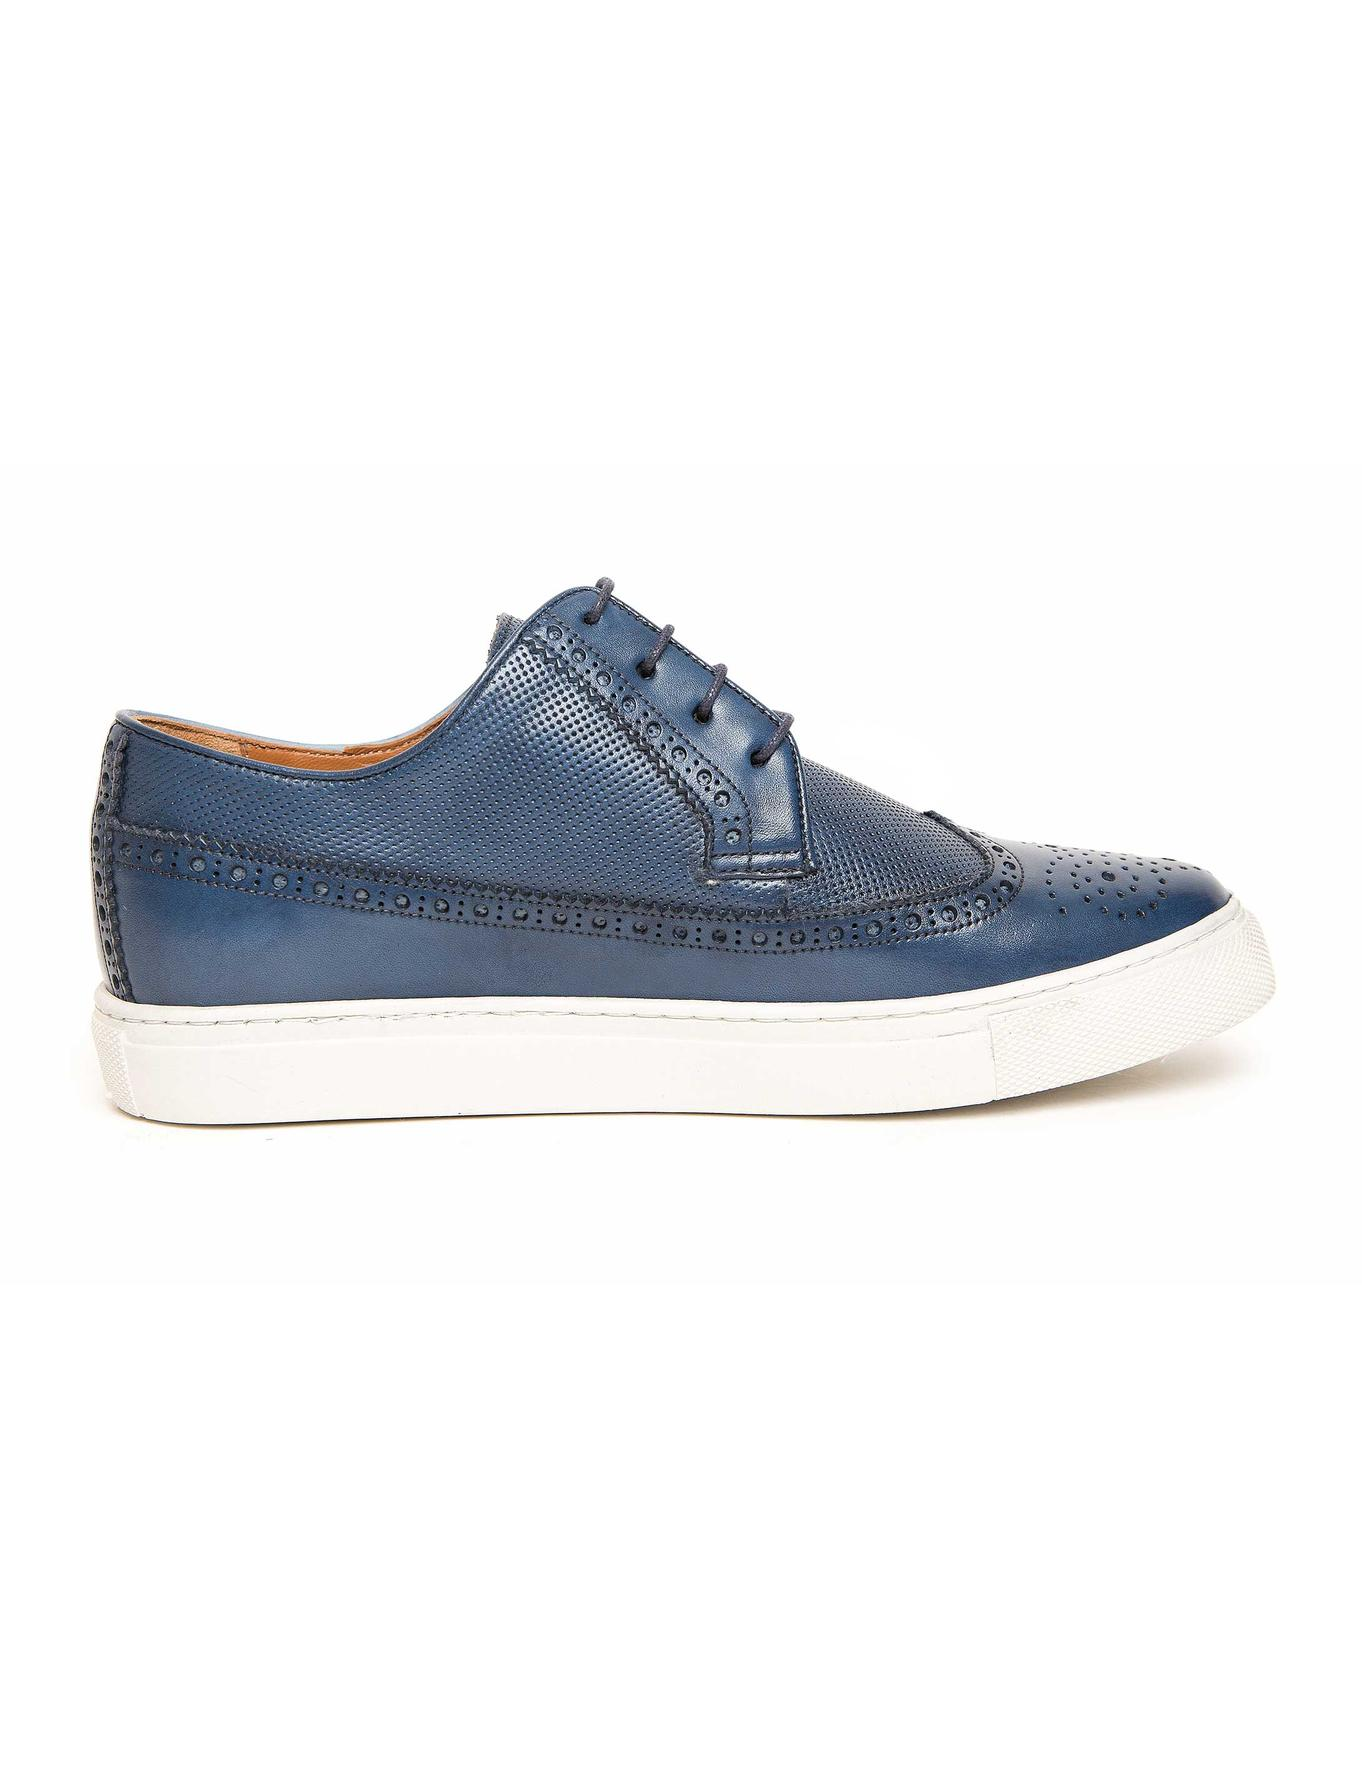 Mavi Oxford Ayakkabı